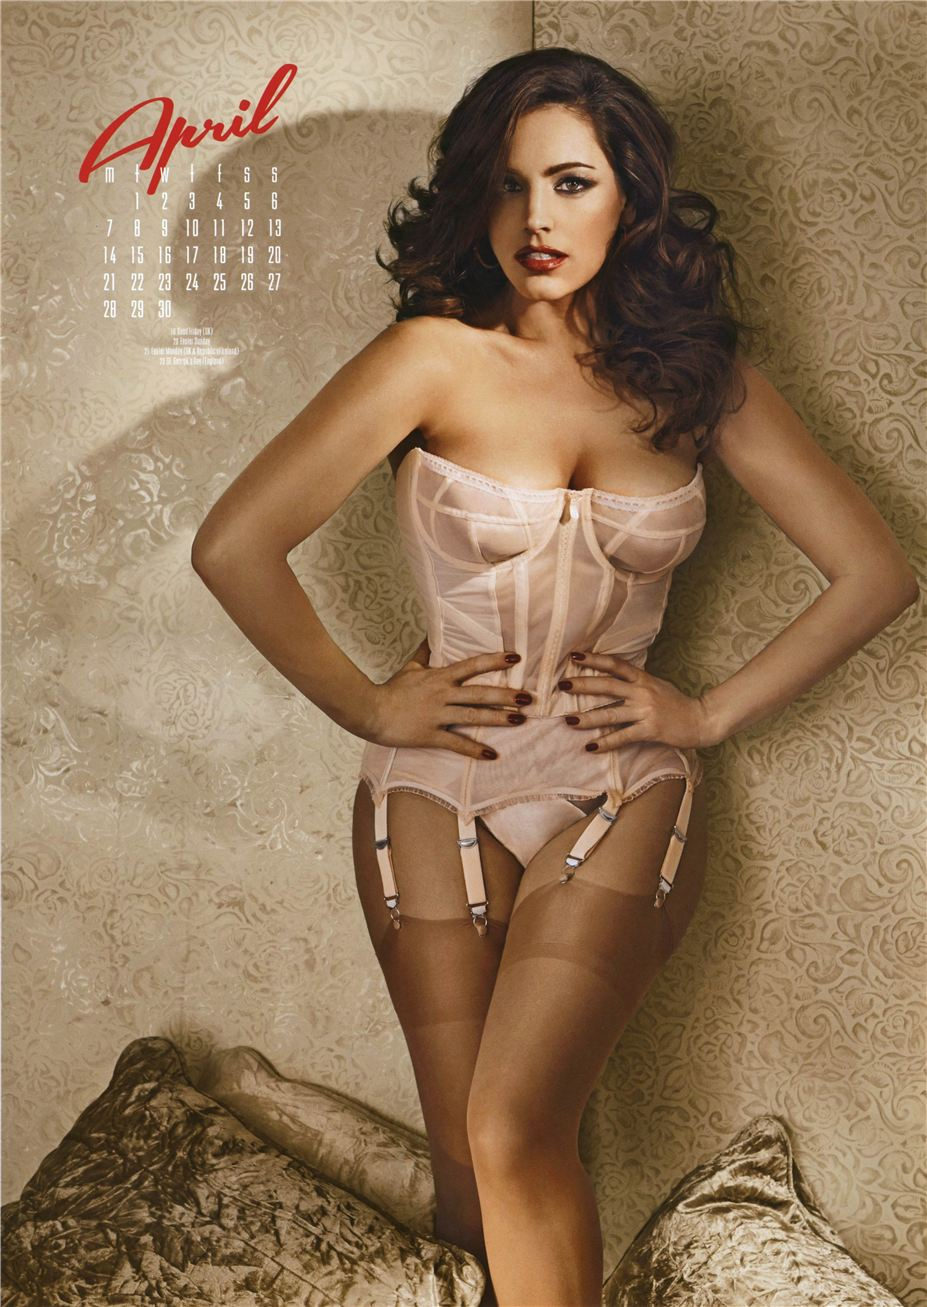 апрель - Календарь сексуальной красотки, актрисы и модели Келли Брук / Kelly Brook - official calendar 2014